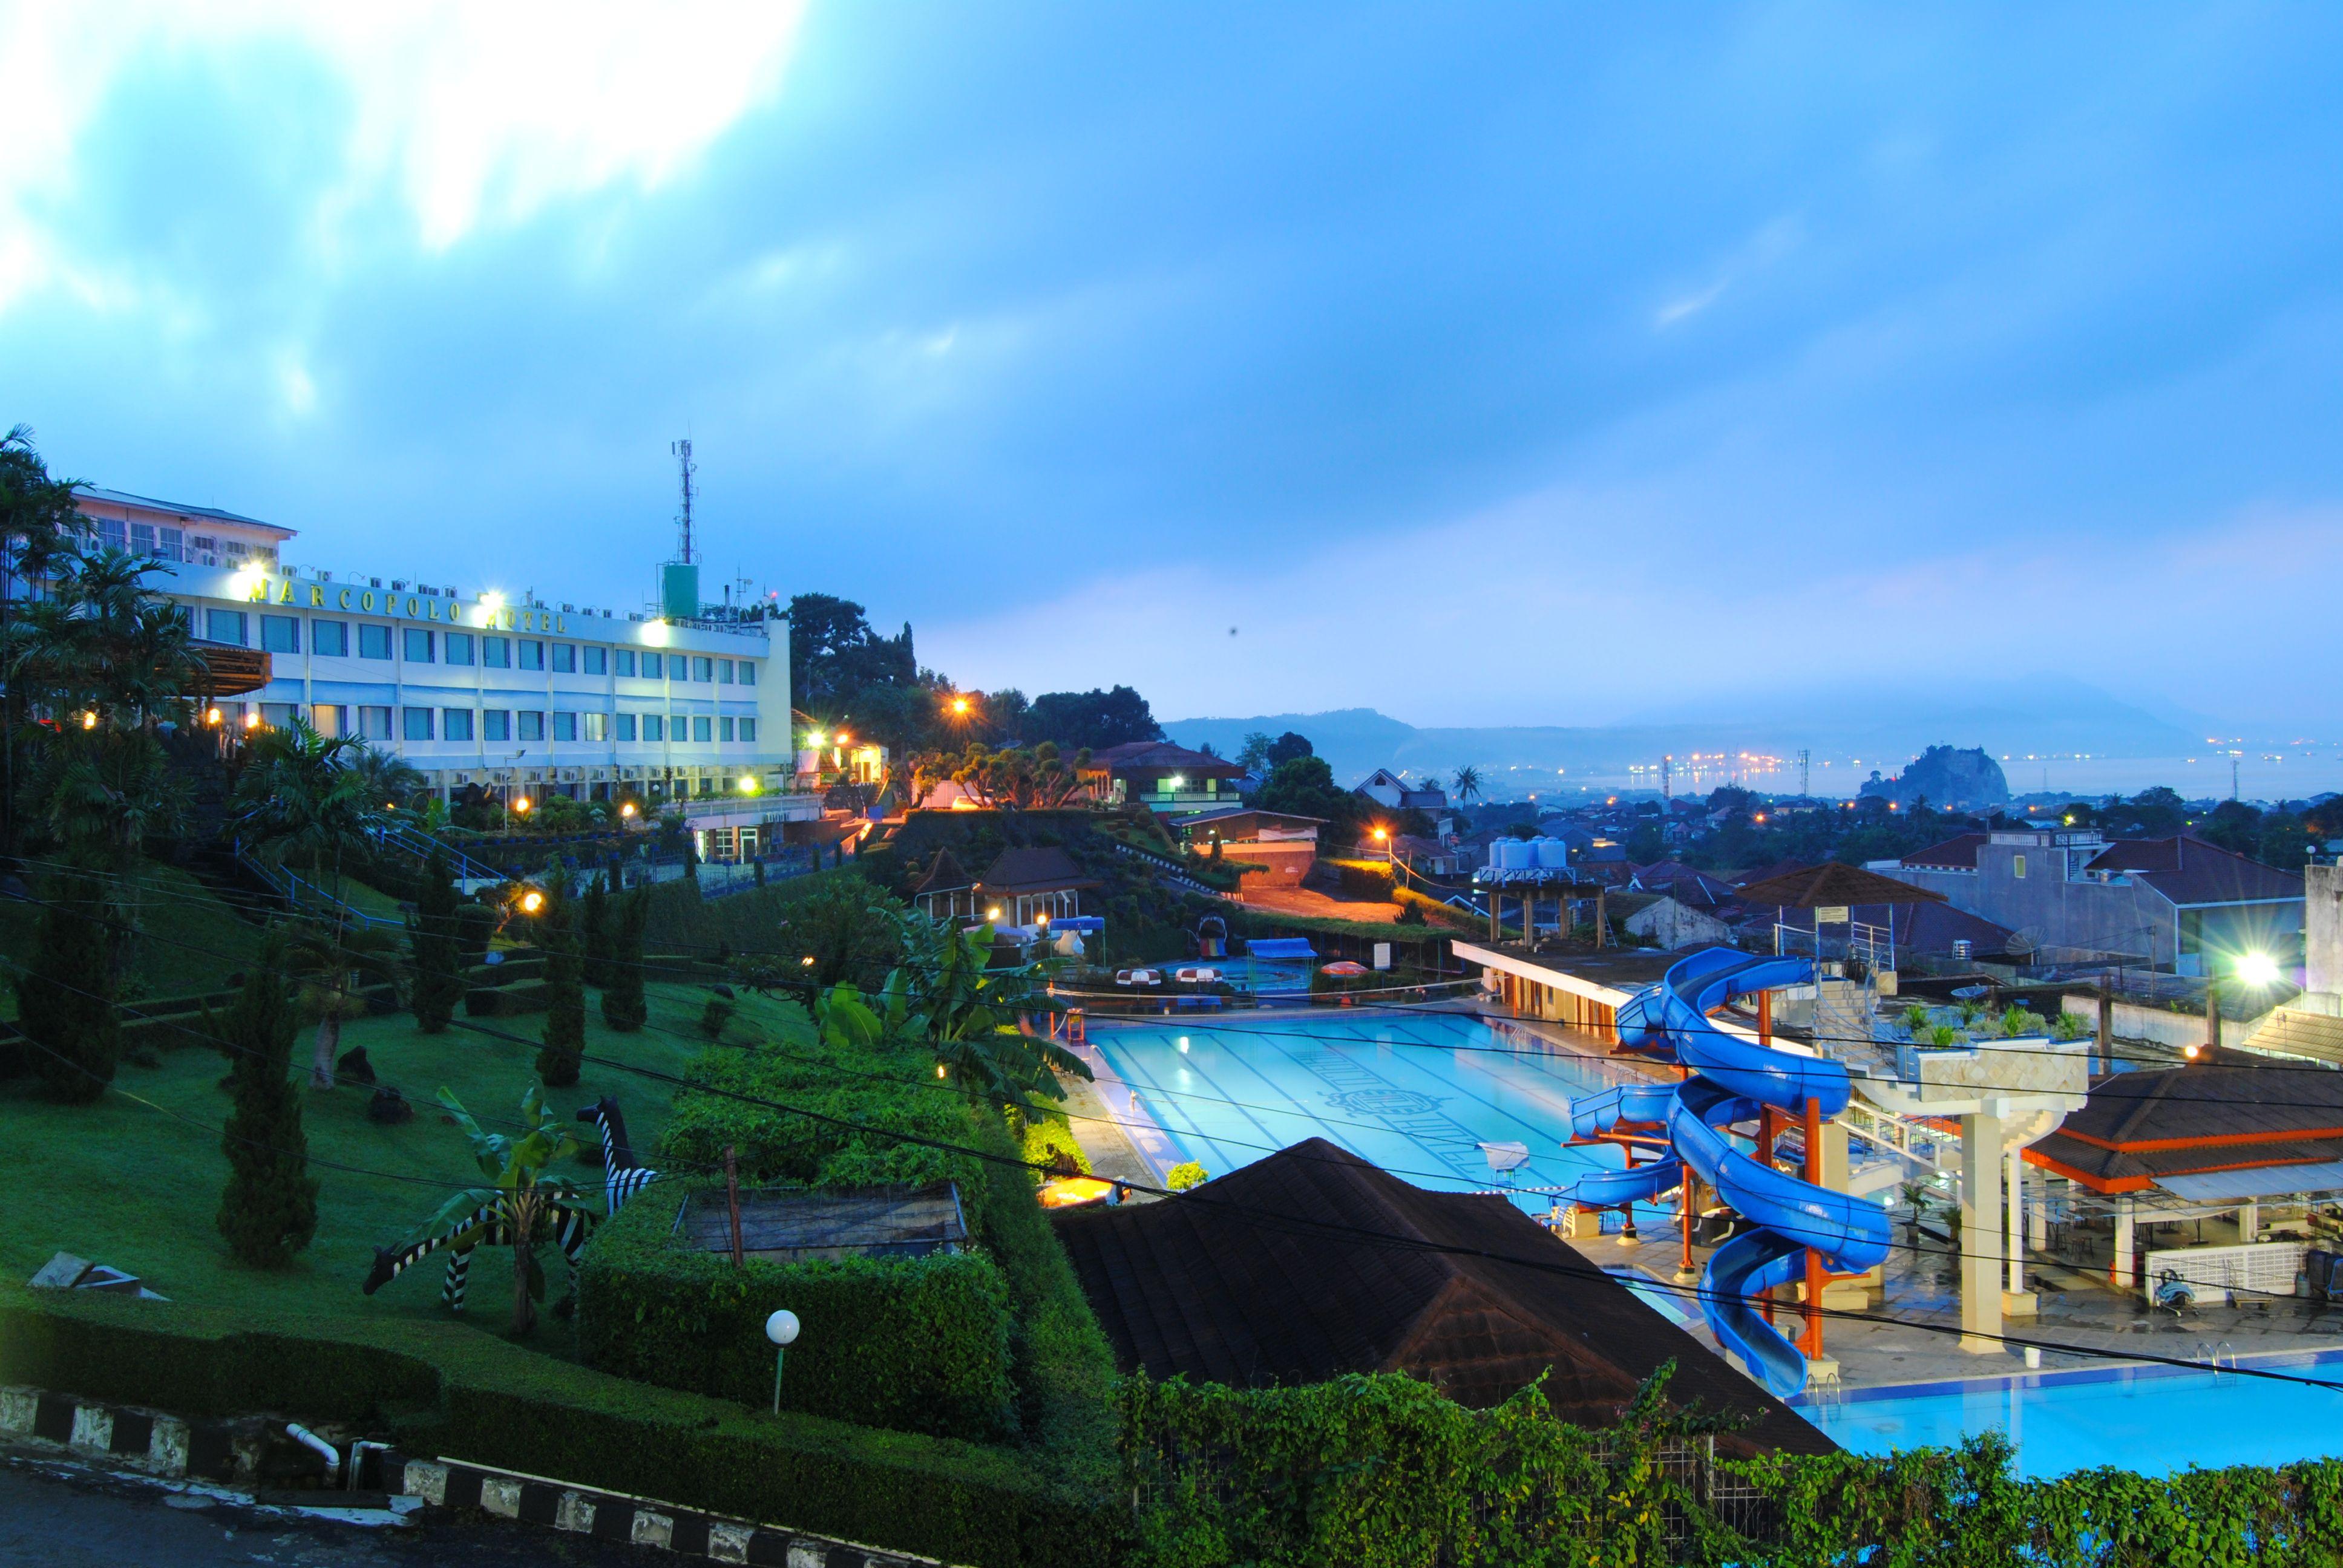 Hotel Marcopolo Lampung, Bandar Lampung